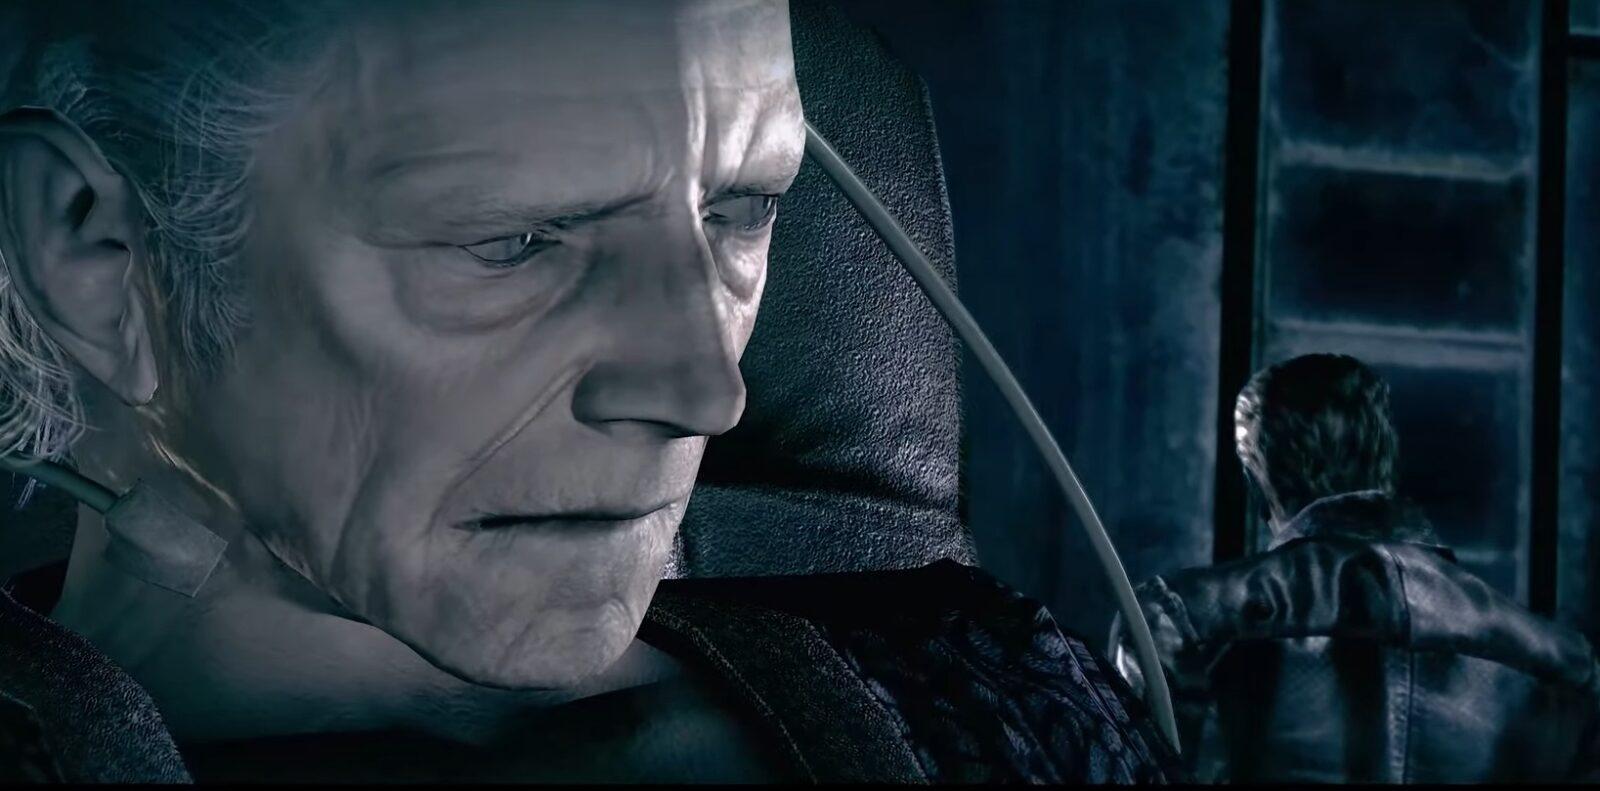 Oswell E. Spencer Resident Evil 5